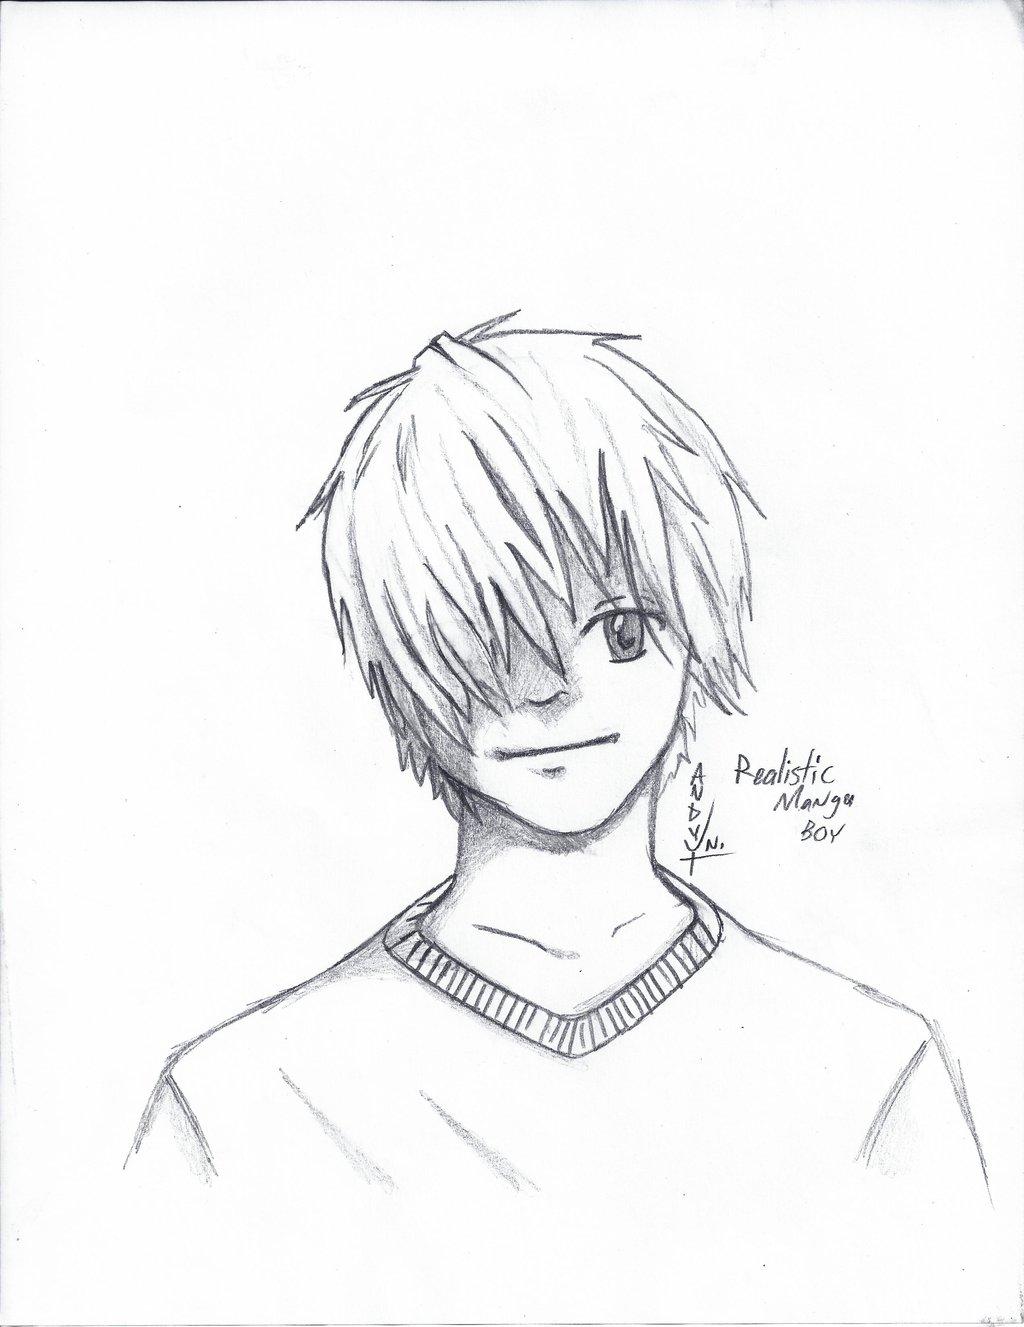 1024x1327 Mangaboy Drawing Realistic Manga Boyleapoffaith4 On Deviantart